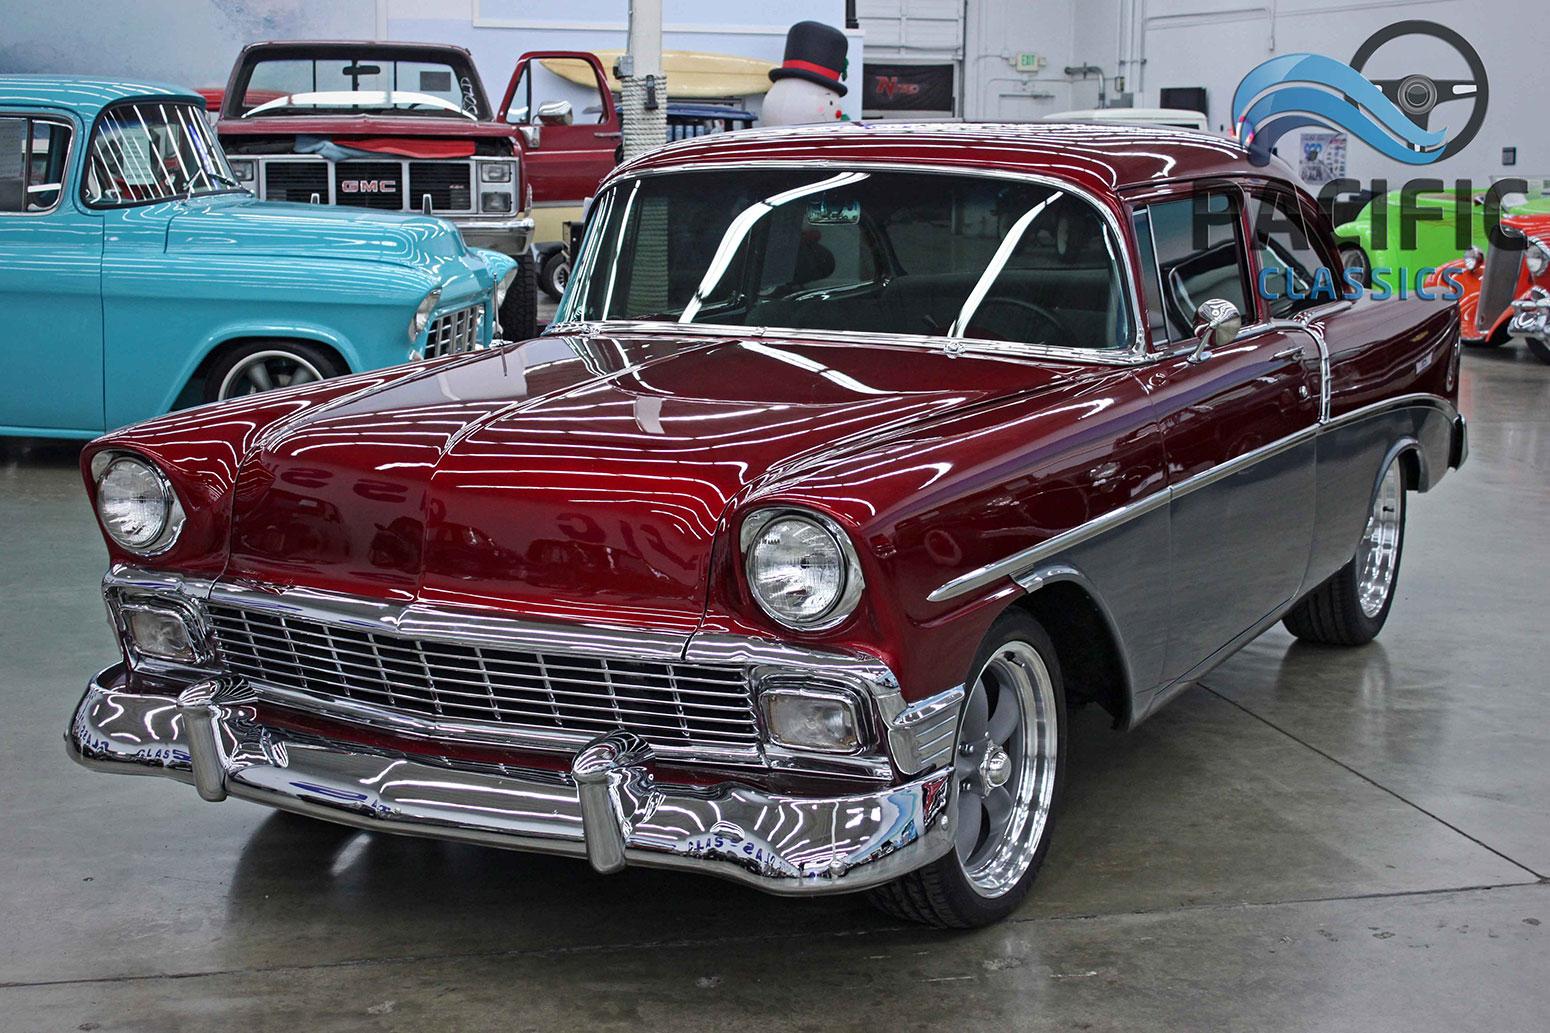 1956 Chevrolet 2 Door Post 454